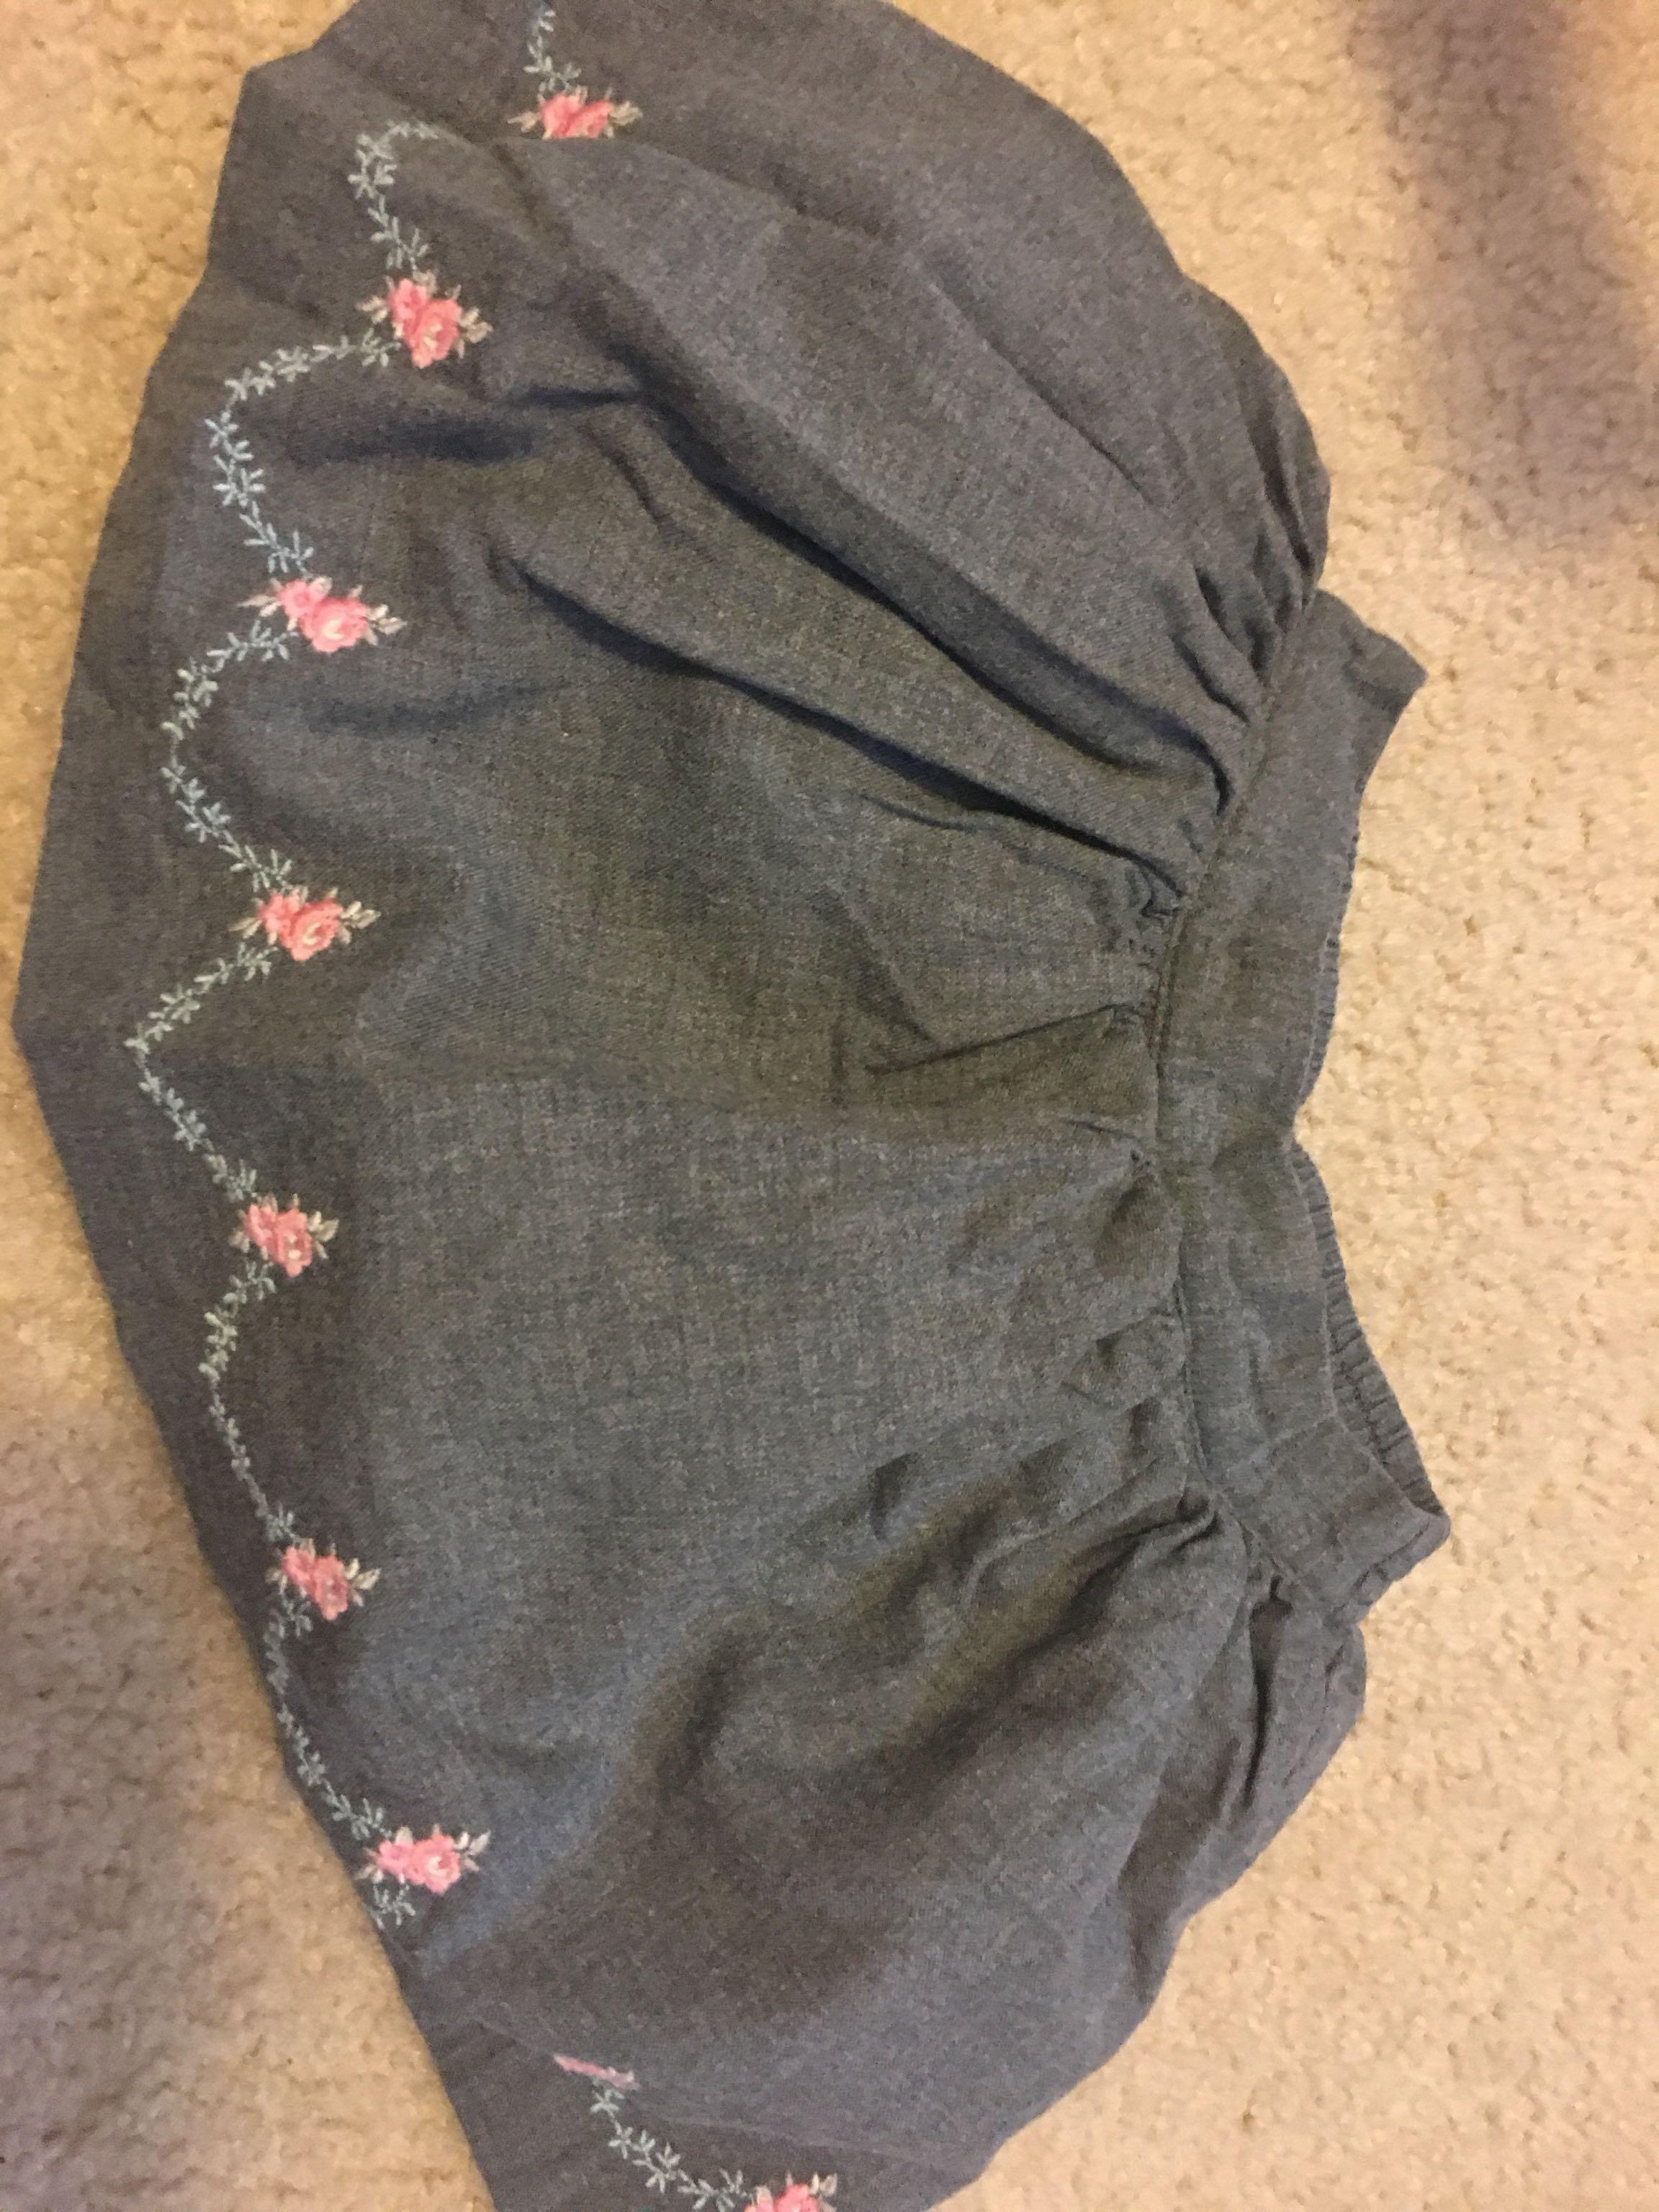 12-18 mo skirt